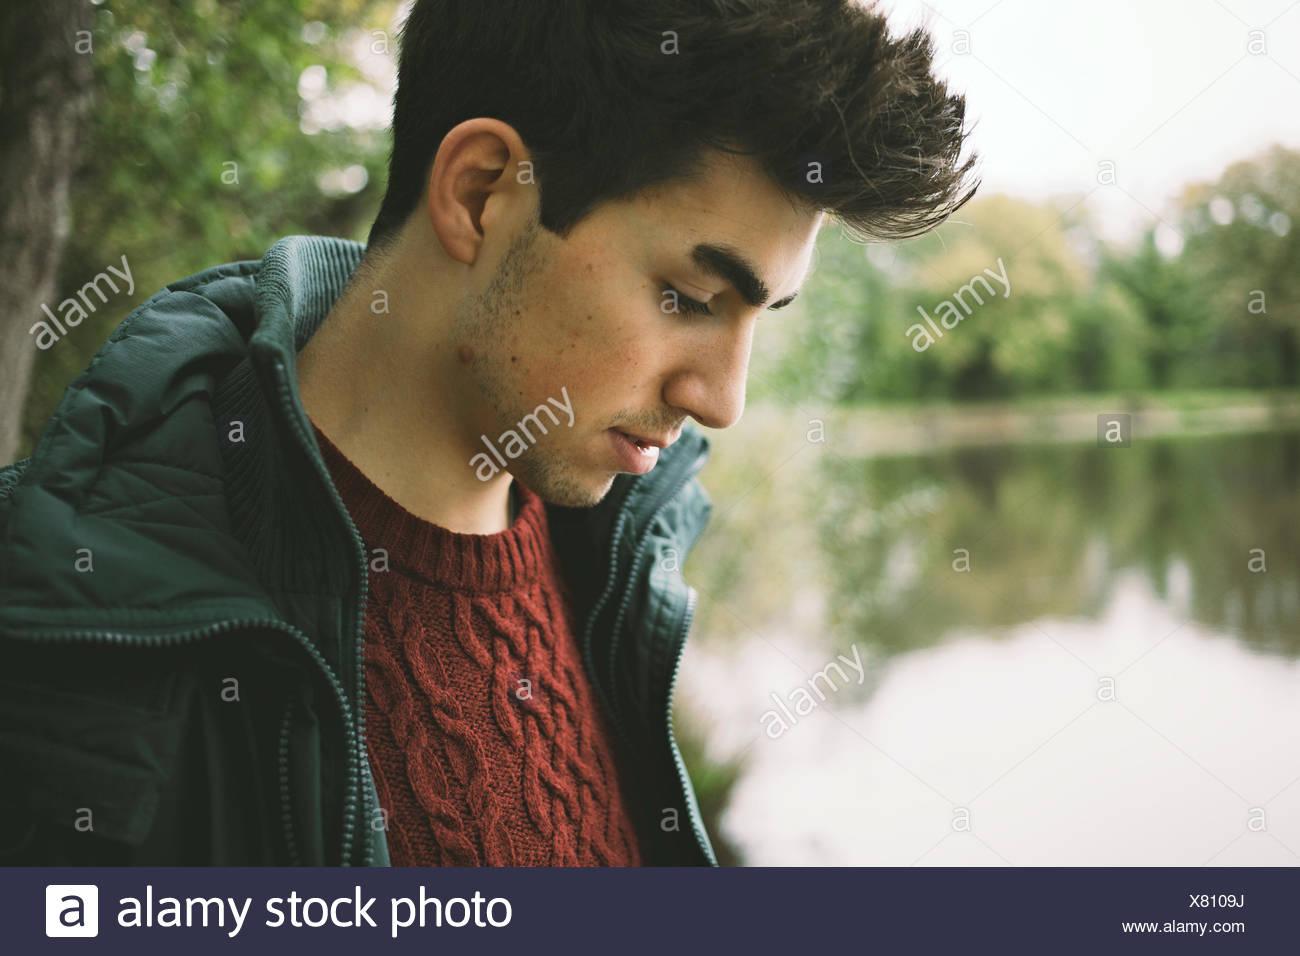 Ravvicinata di un giovane uomo che guarda il riverbank Immagini Stock